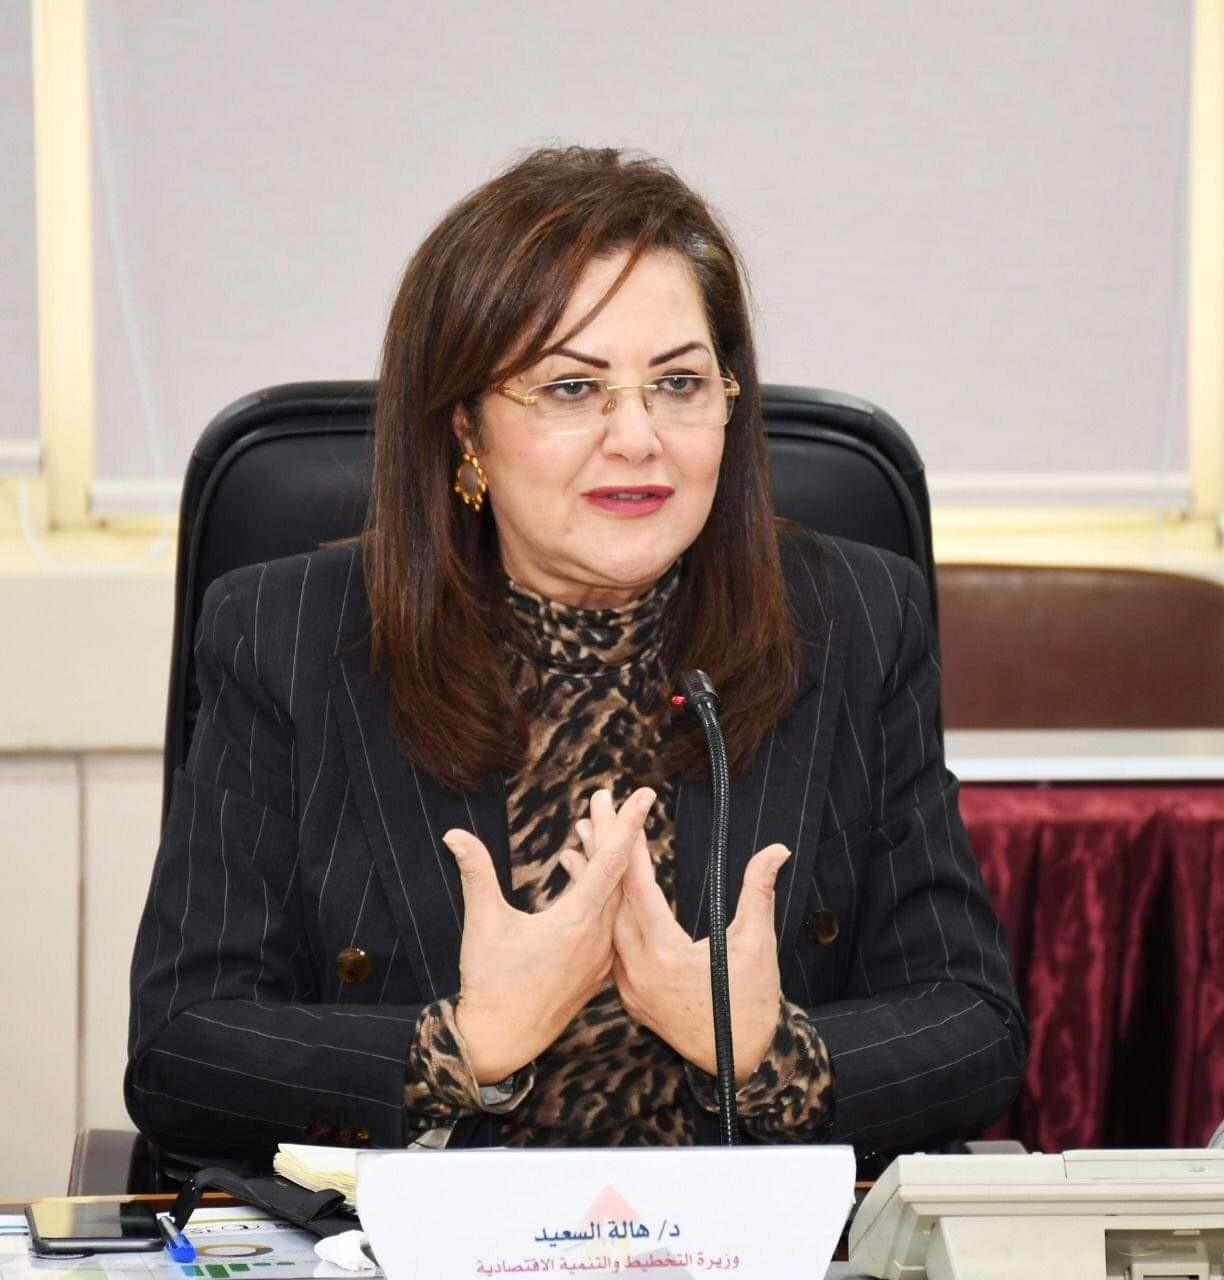 وزارة التخطيط: الحفاظ على العمالة بالقطاعات المختلفة أهم مستهدفات الدولة